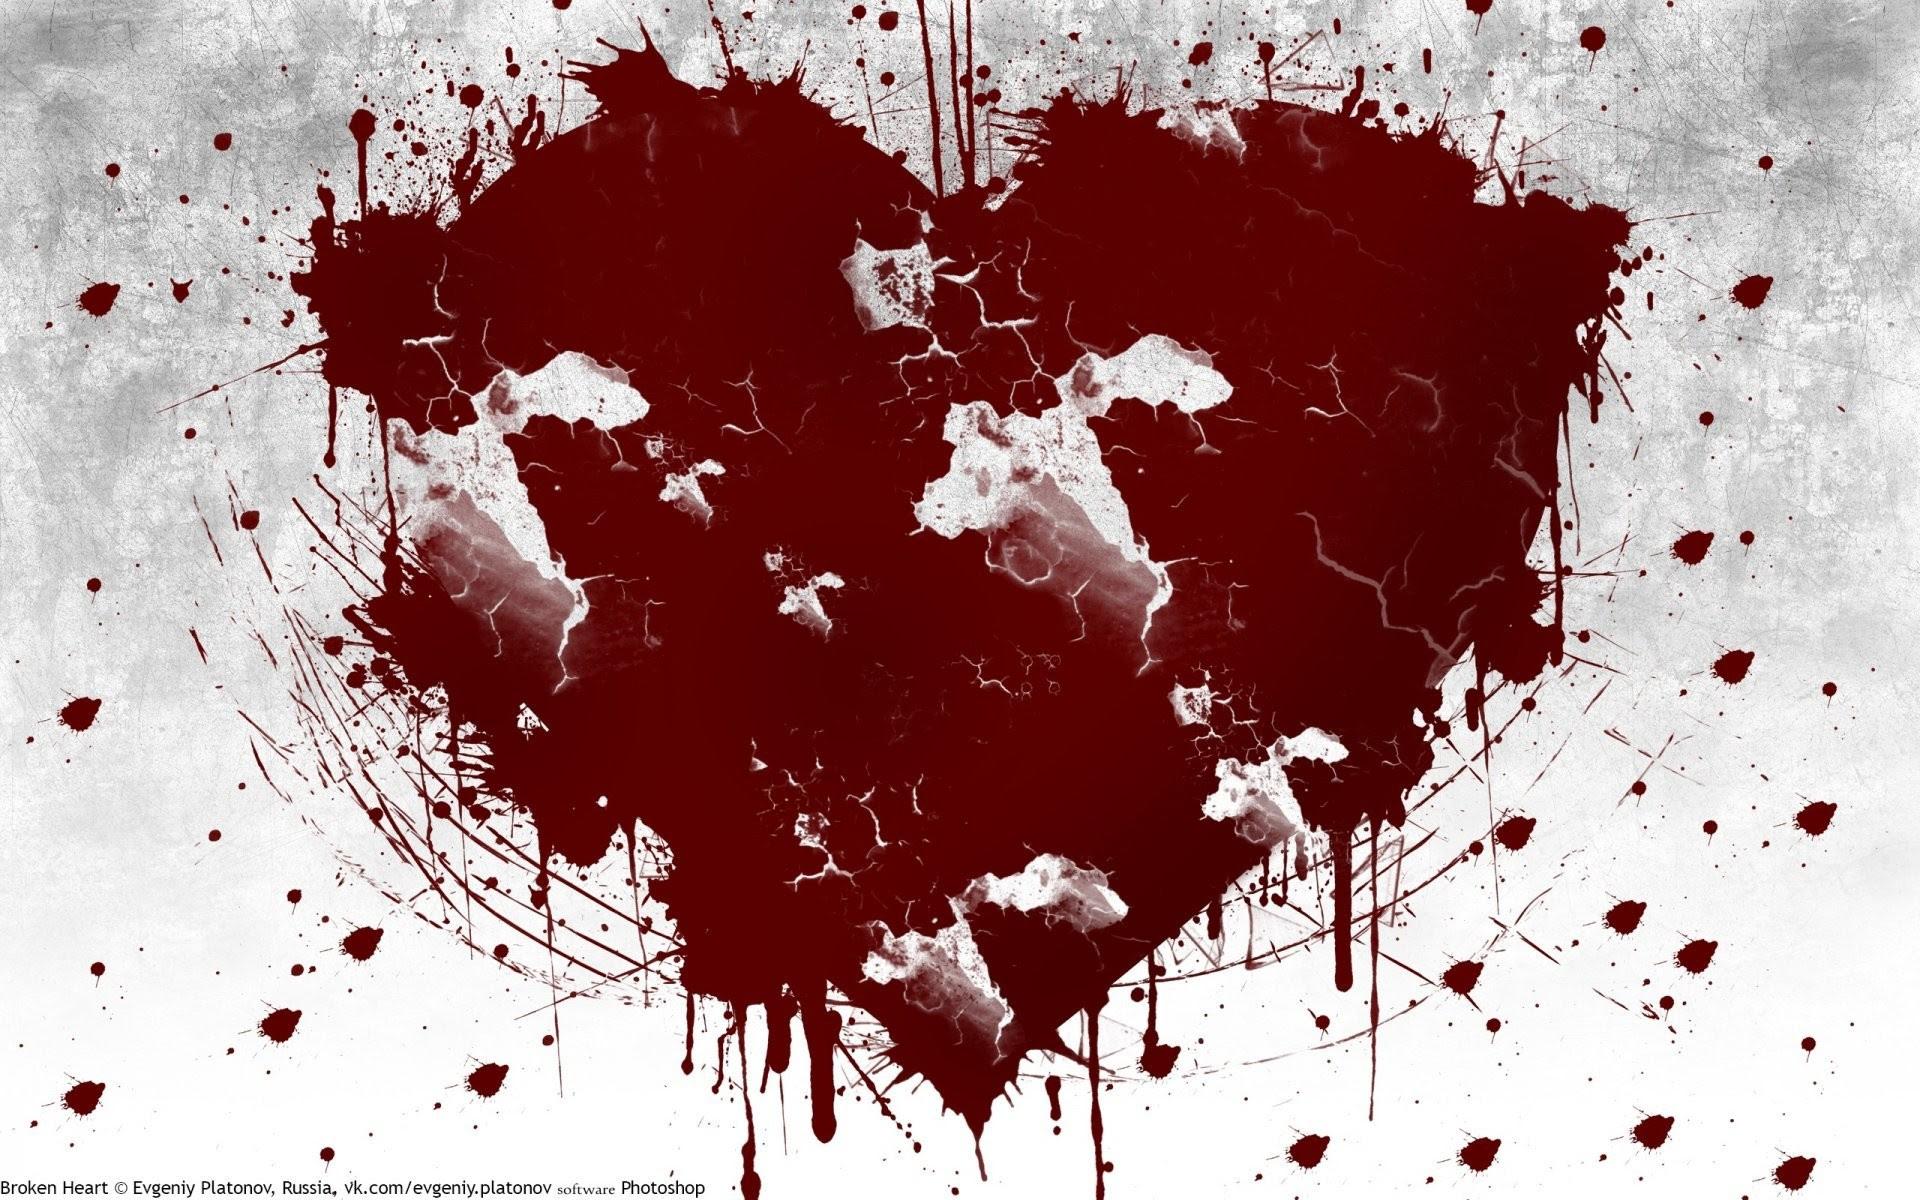 Heart Broken Wallpaper 64 Images